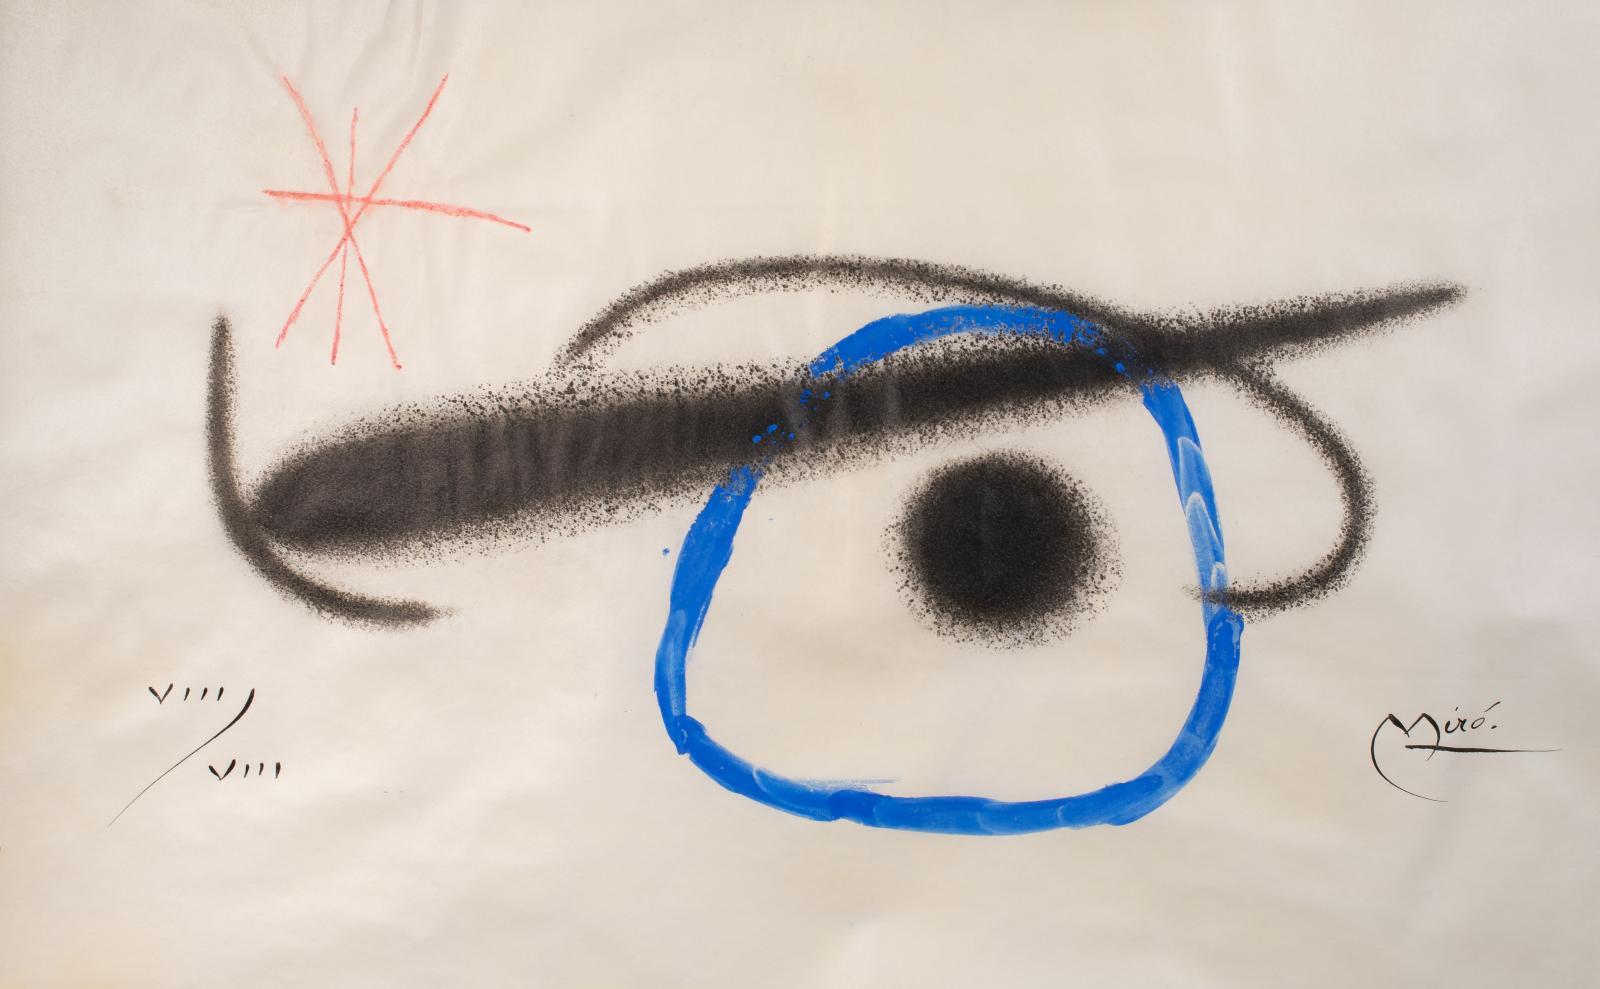 En 1949, Joan Miró (1893-1983) réalise un premier livre illustré à la typographie audacieuse et radicale. Une composition dansante, des co